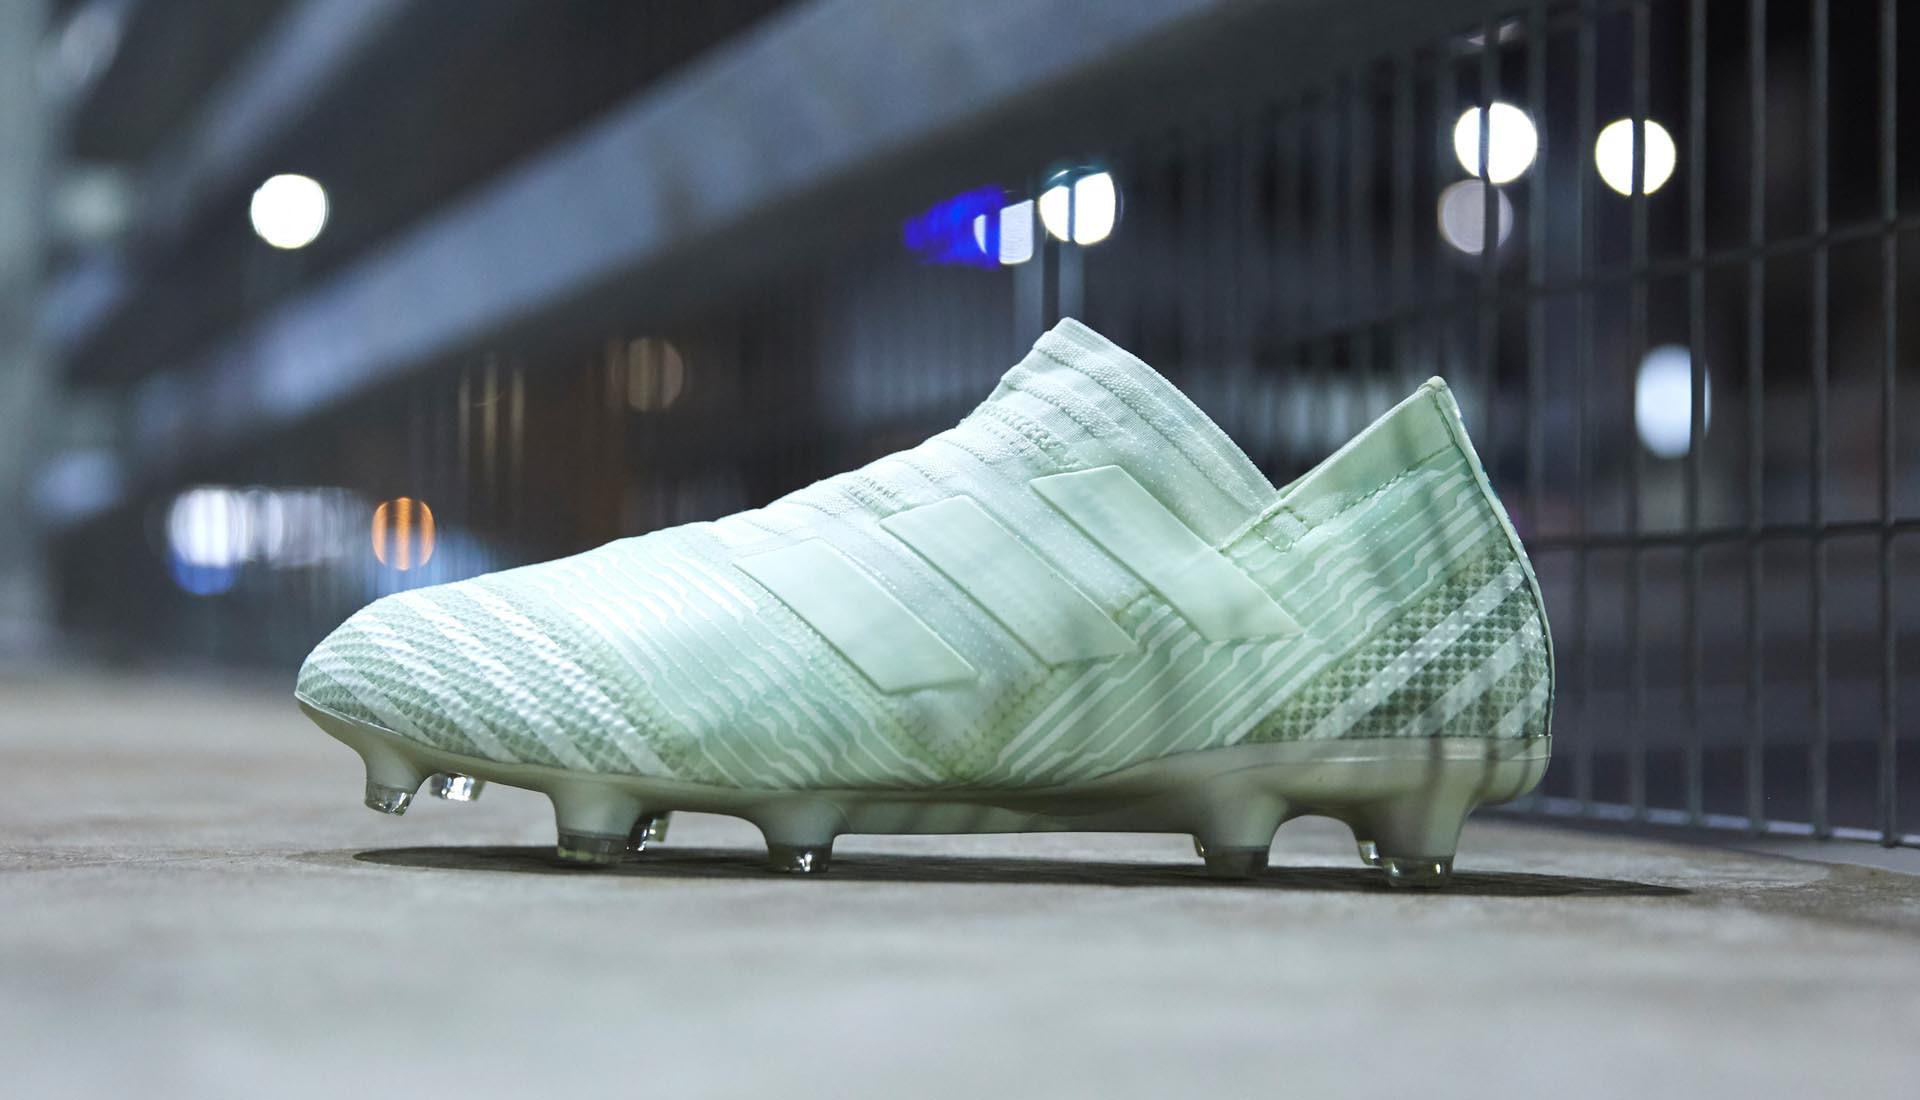 eigen adidas voetbalschoenen ontwerpen